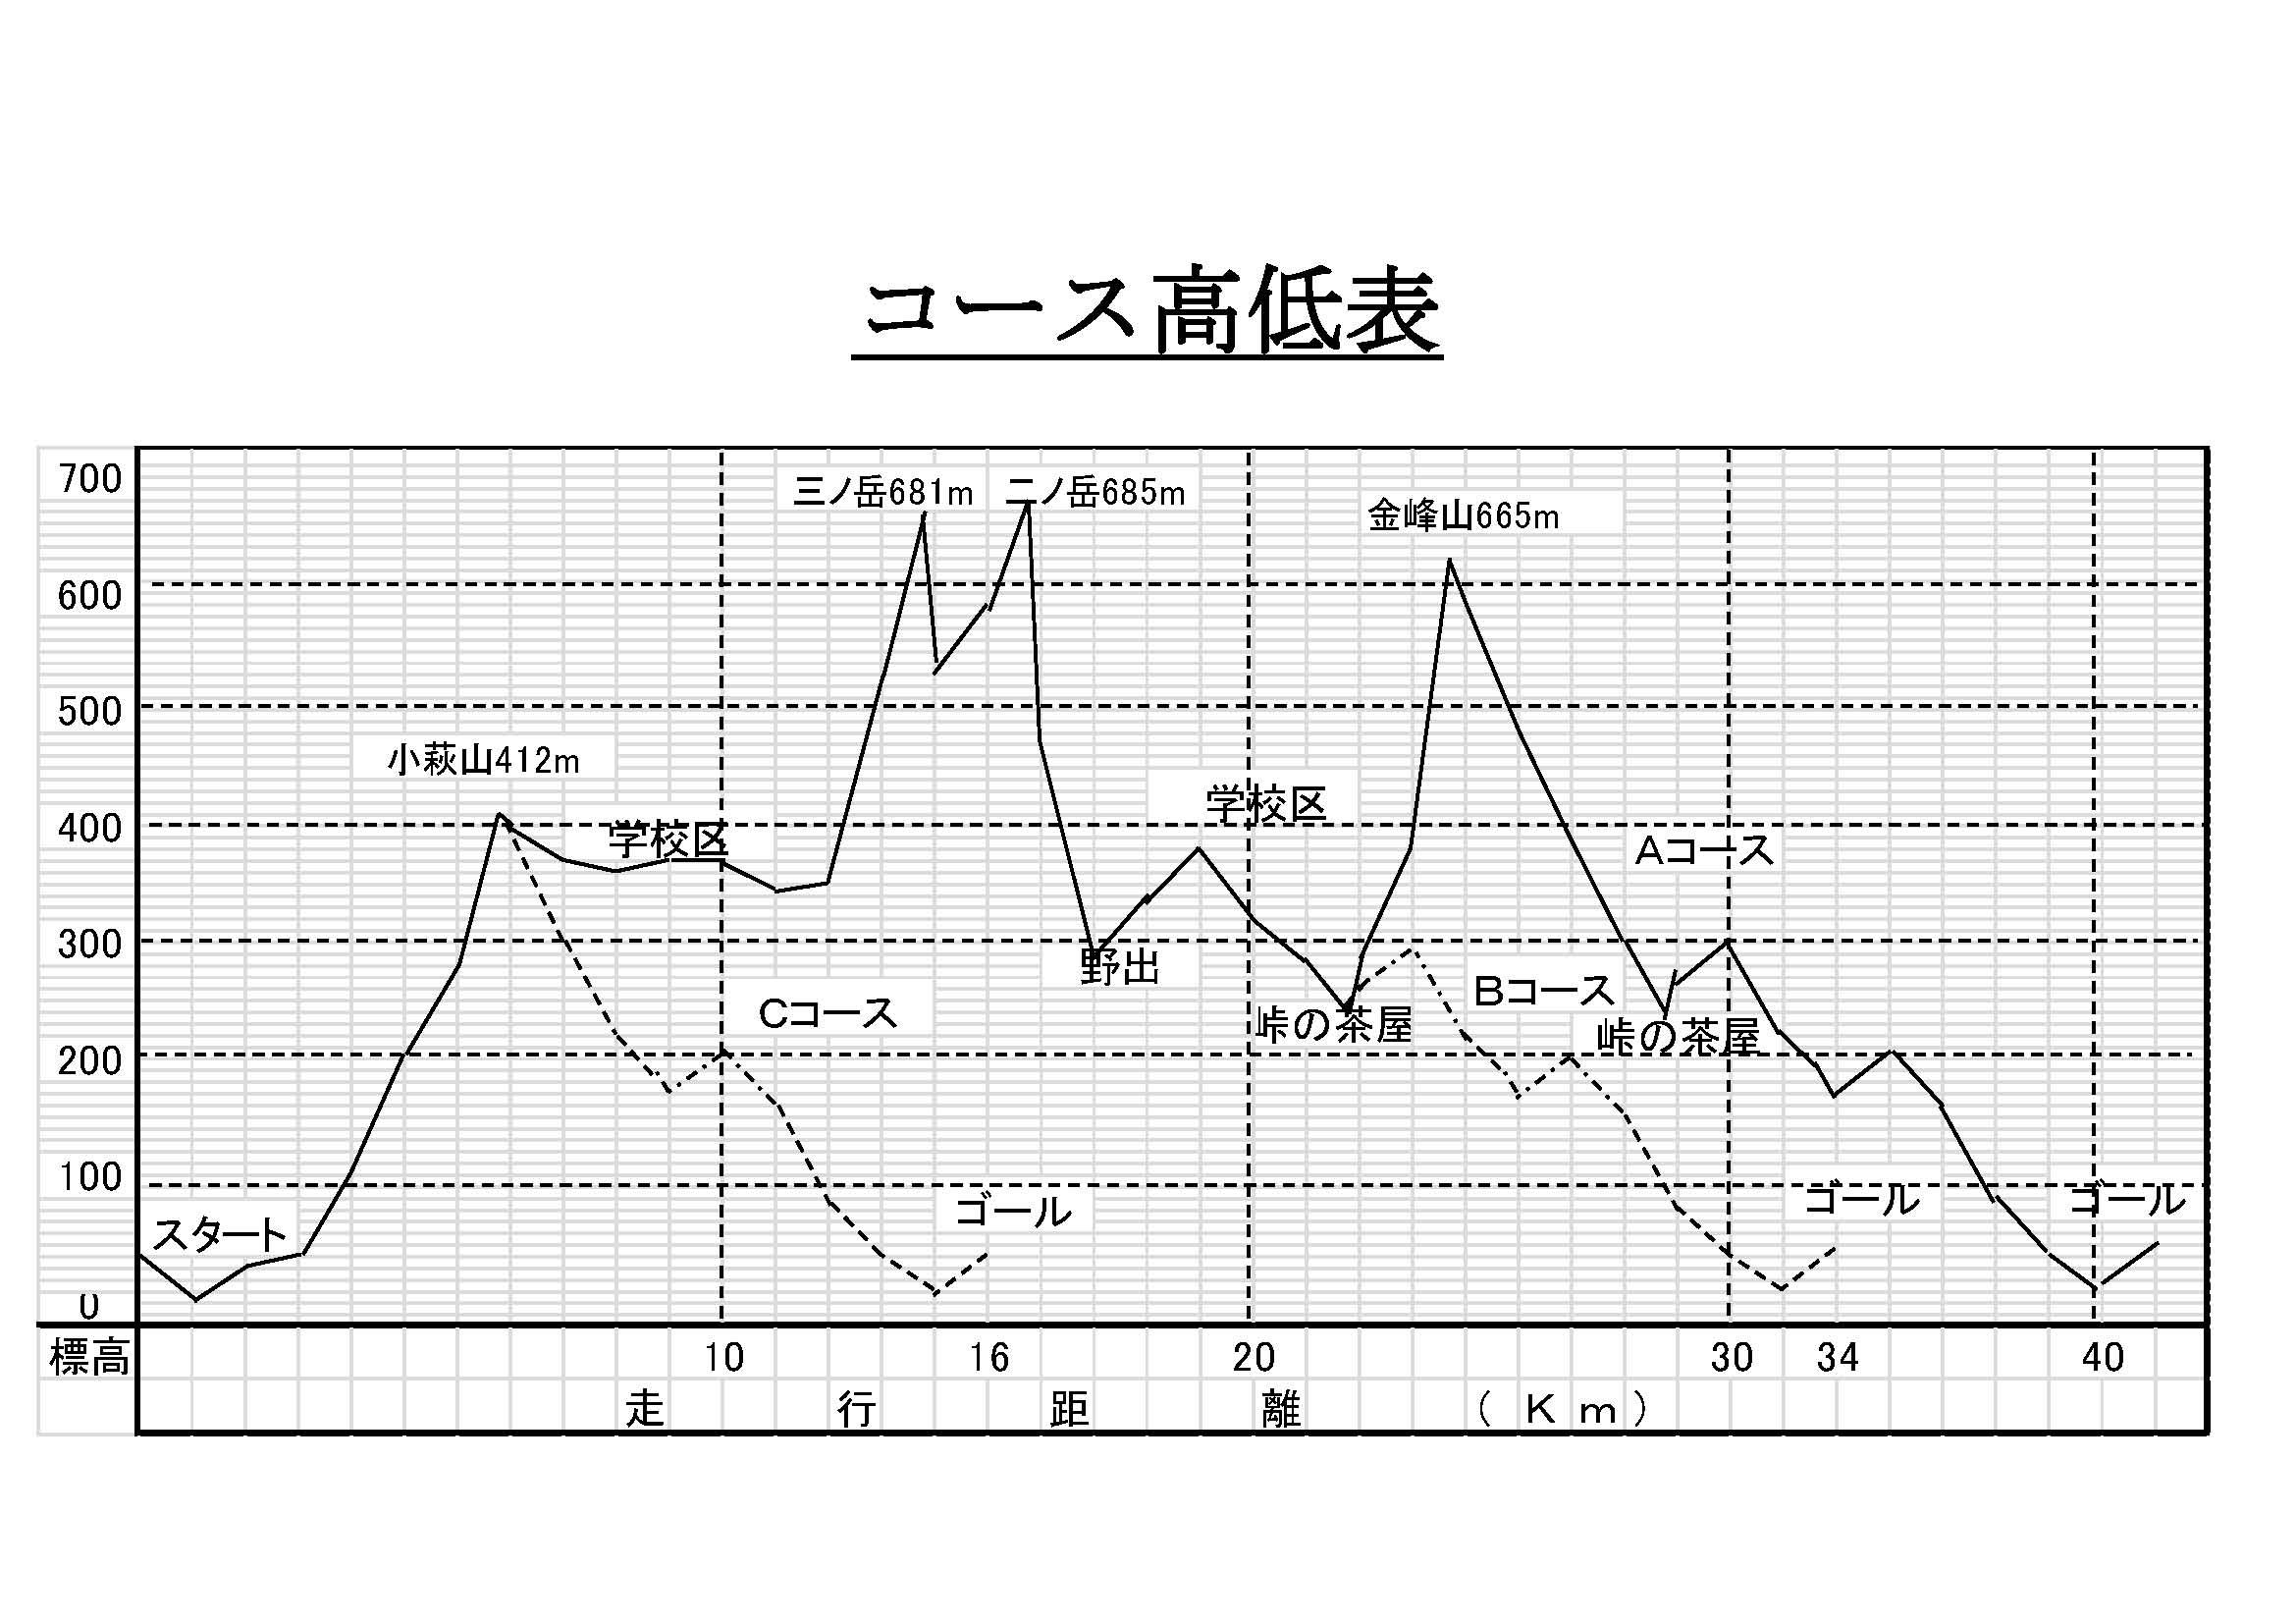 山岳マラソン★コース高低表